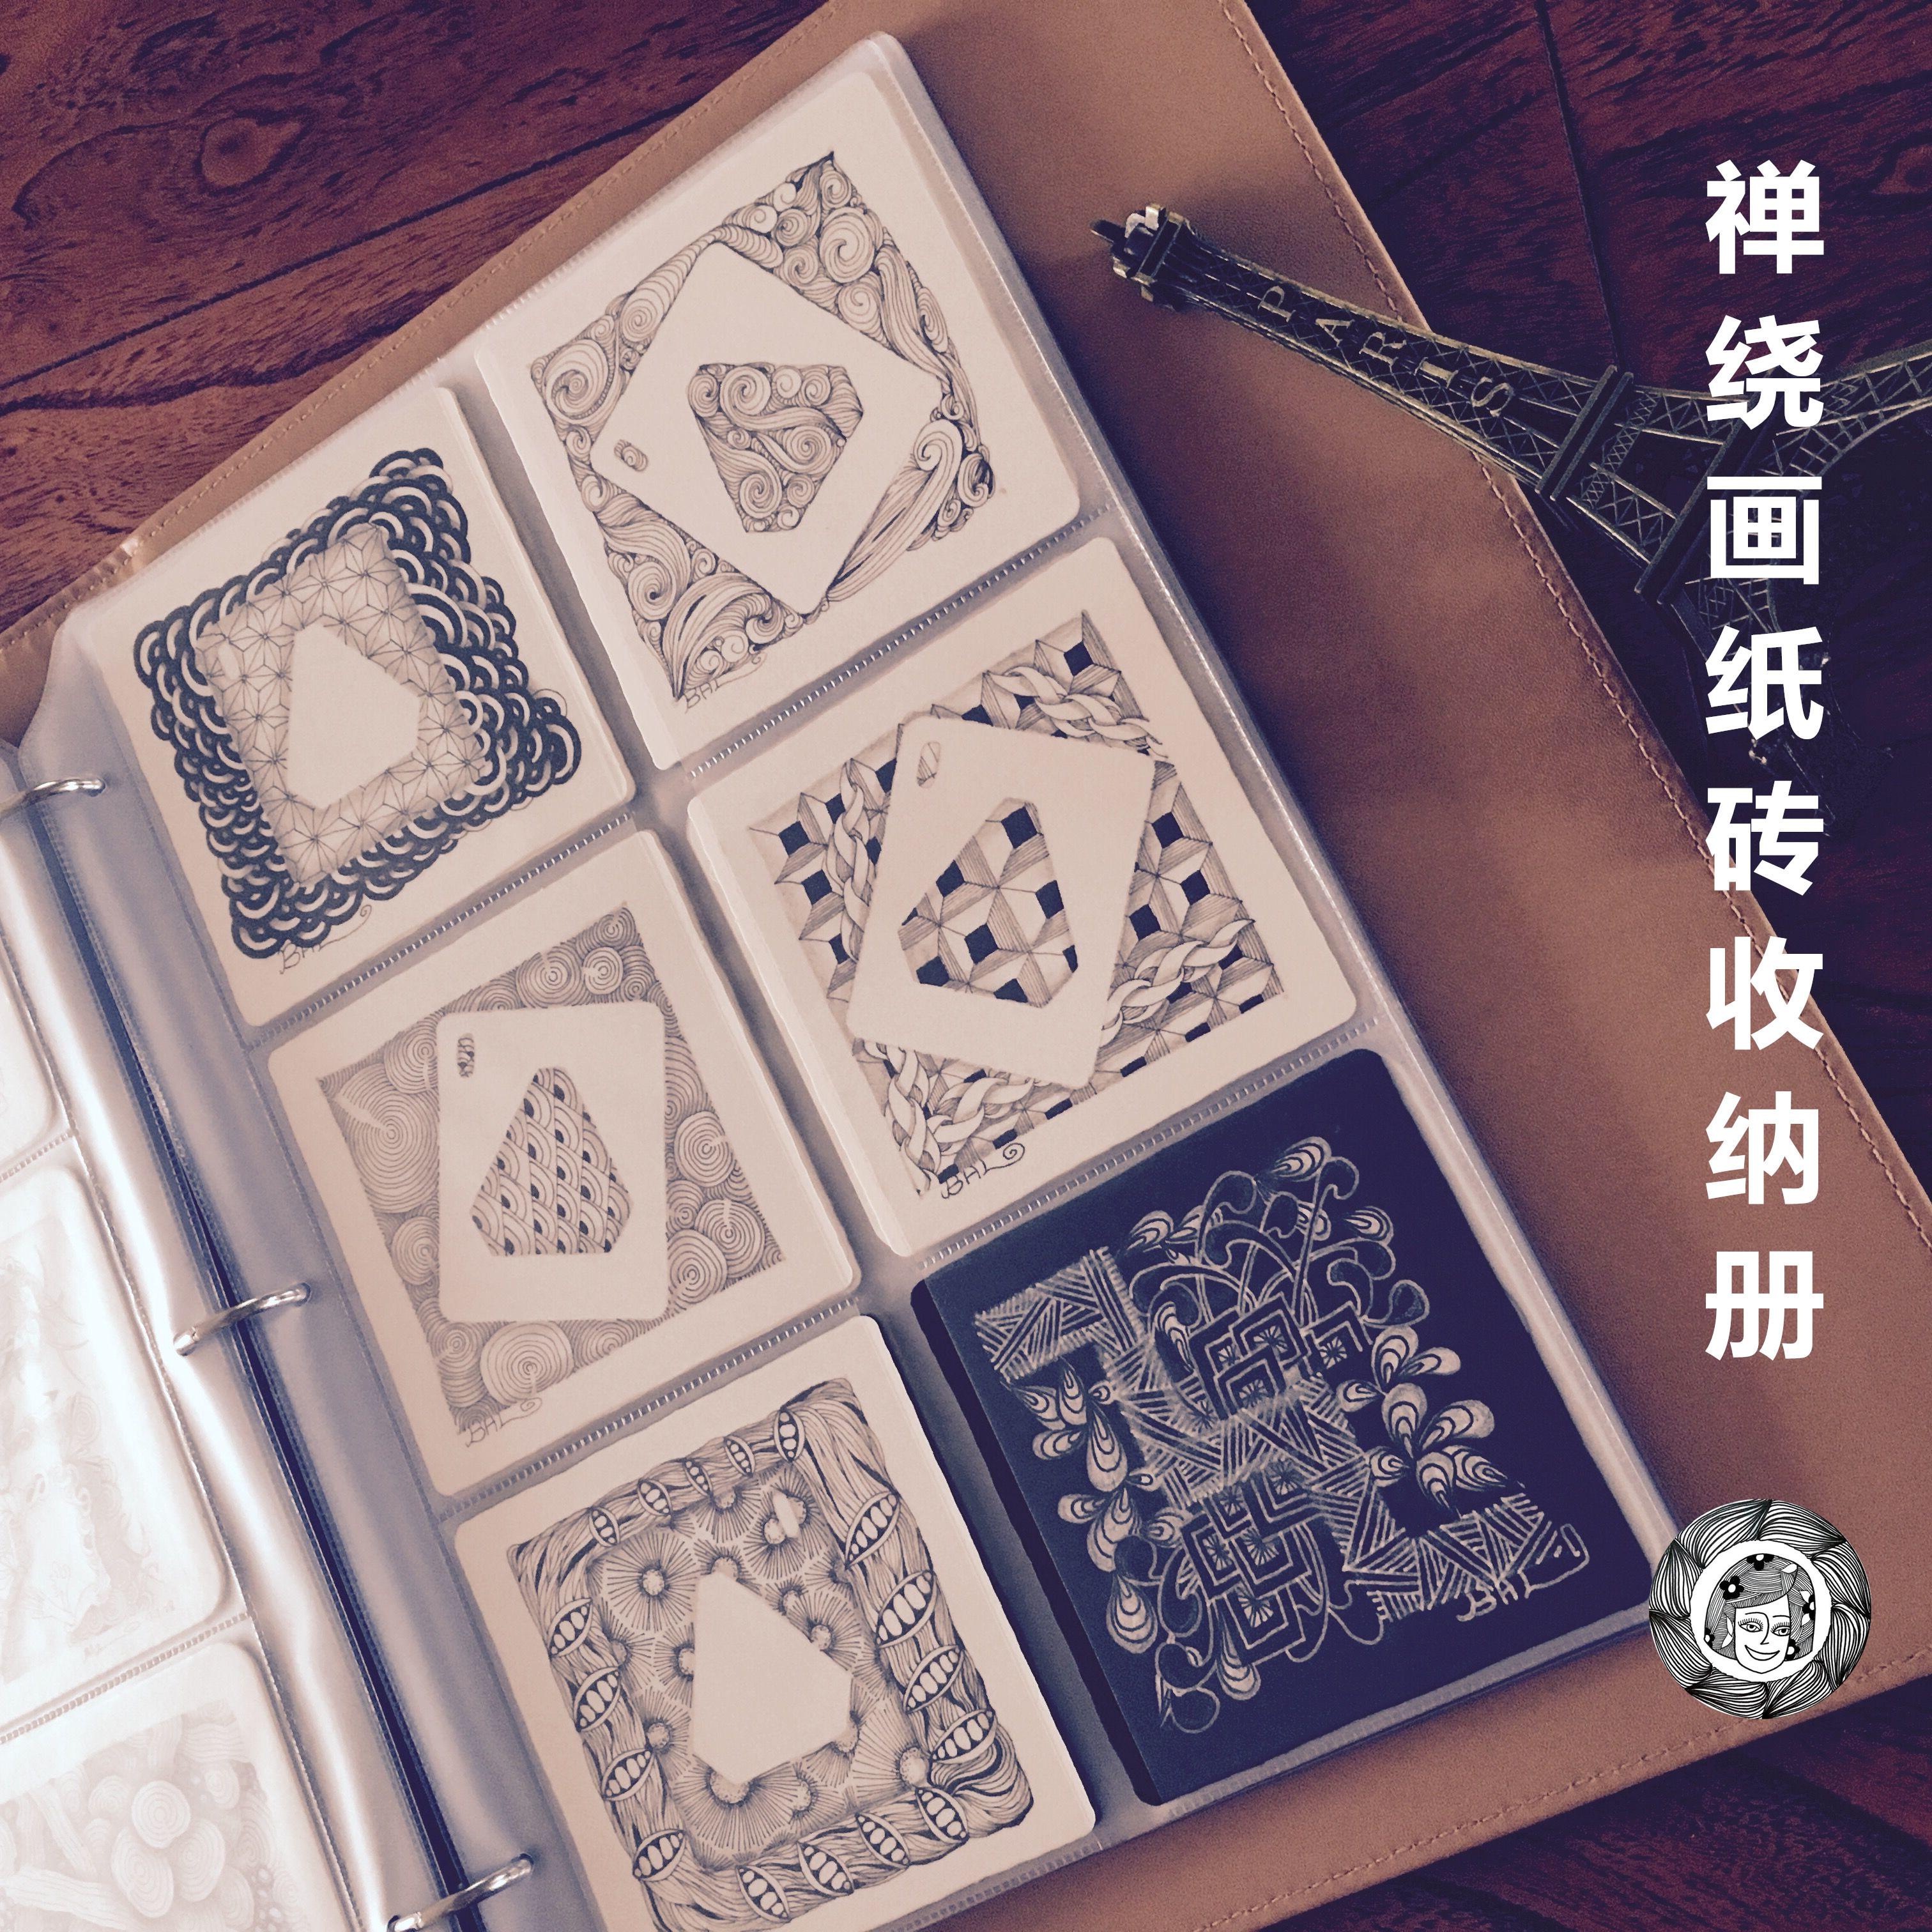 禅绕画纸砖卡片收纳册 禅绕画标准纸砖收藏收纳整理活页皮质相册